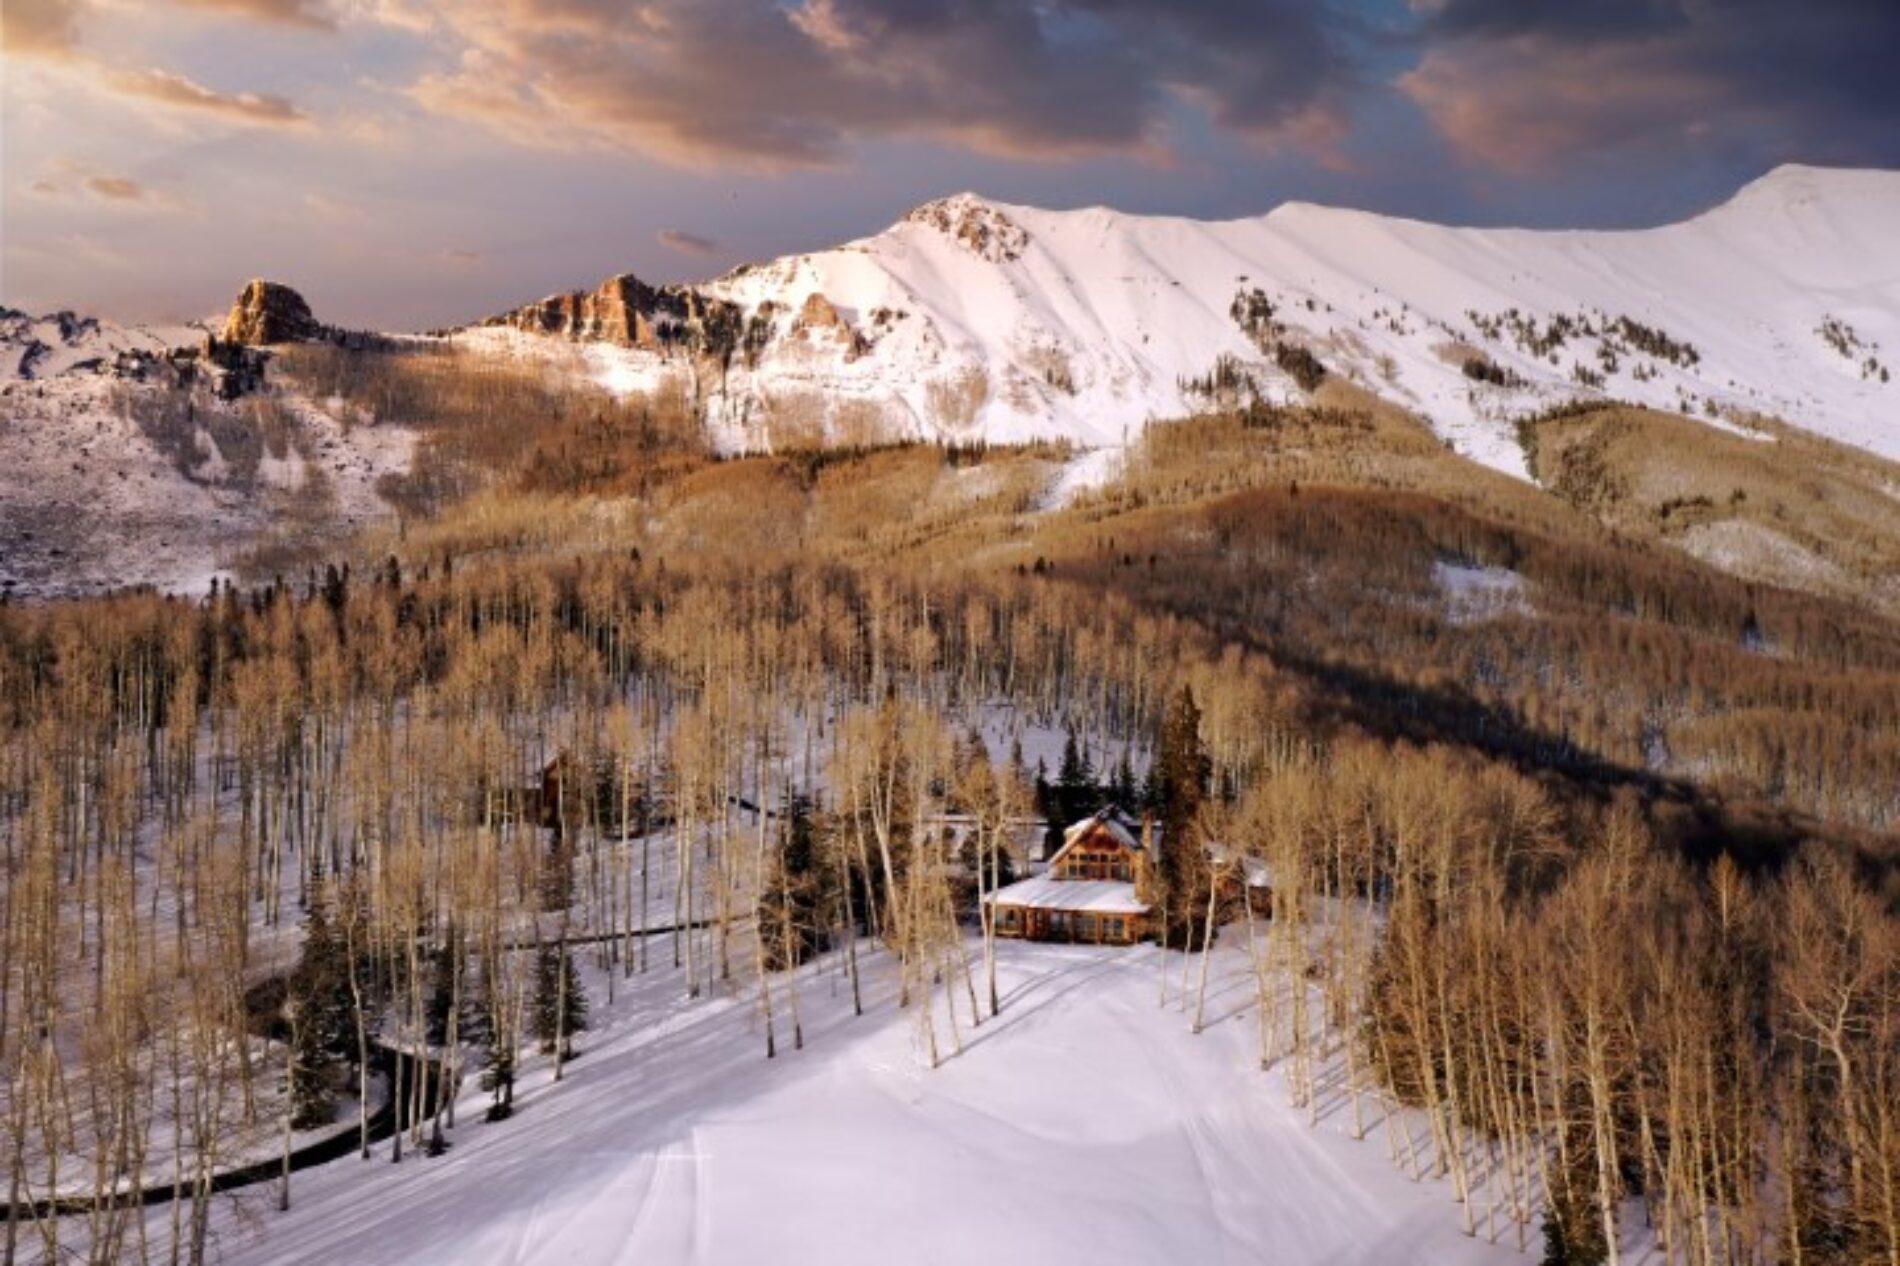 El rancho de Tom Cruise en Telluride, Colorado, está ahora a la venta por 39,5 millones de dólares